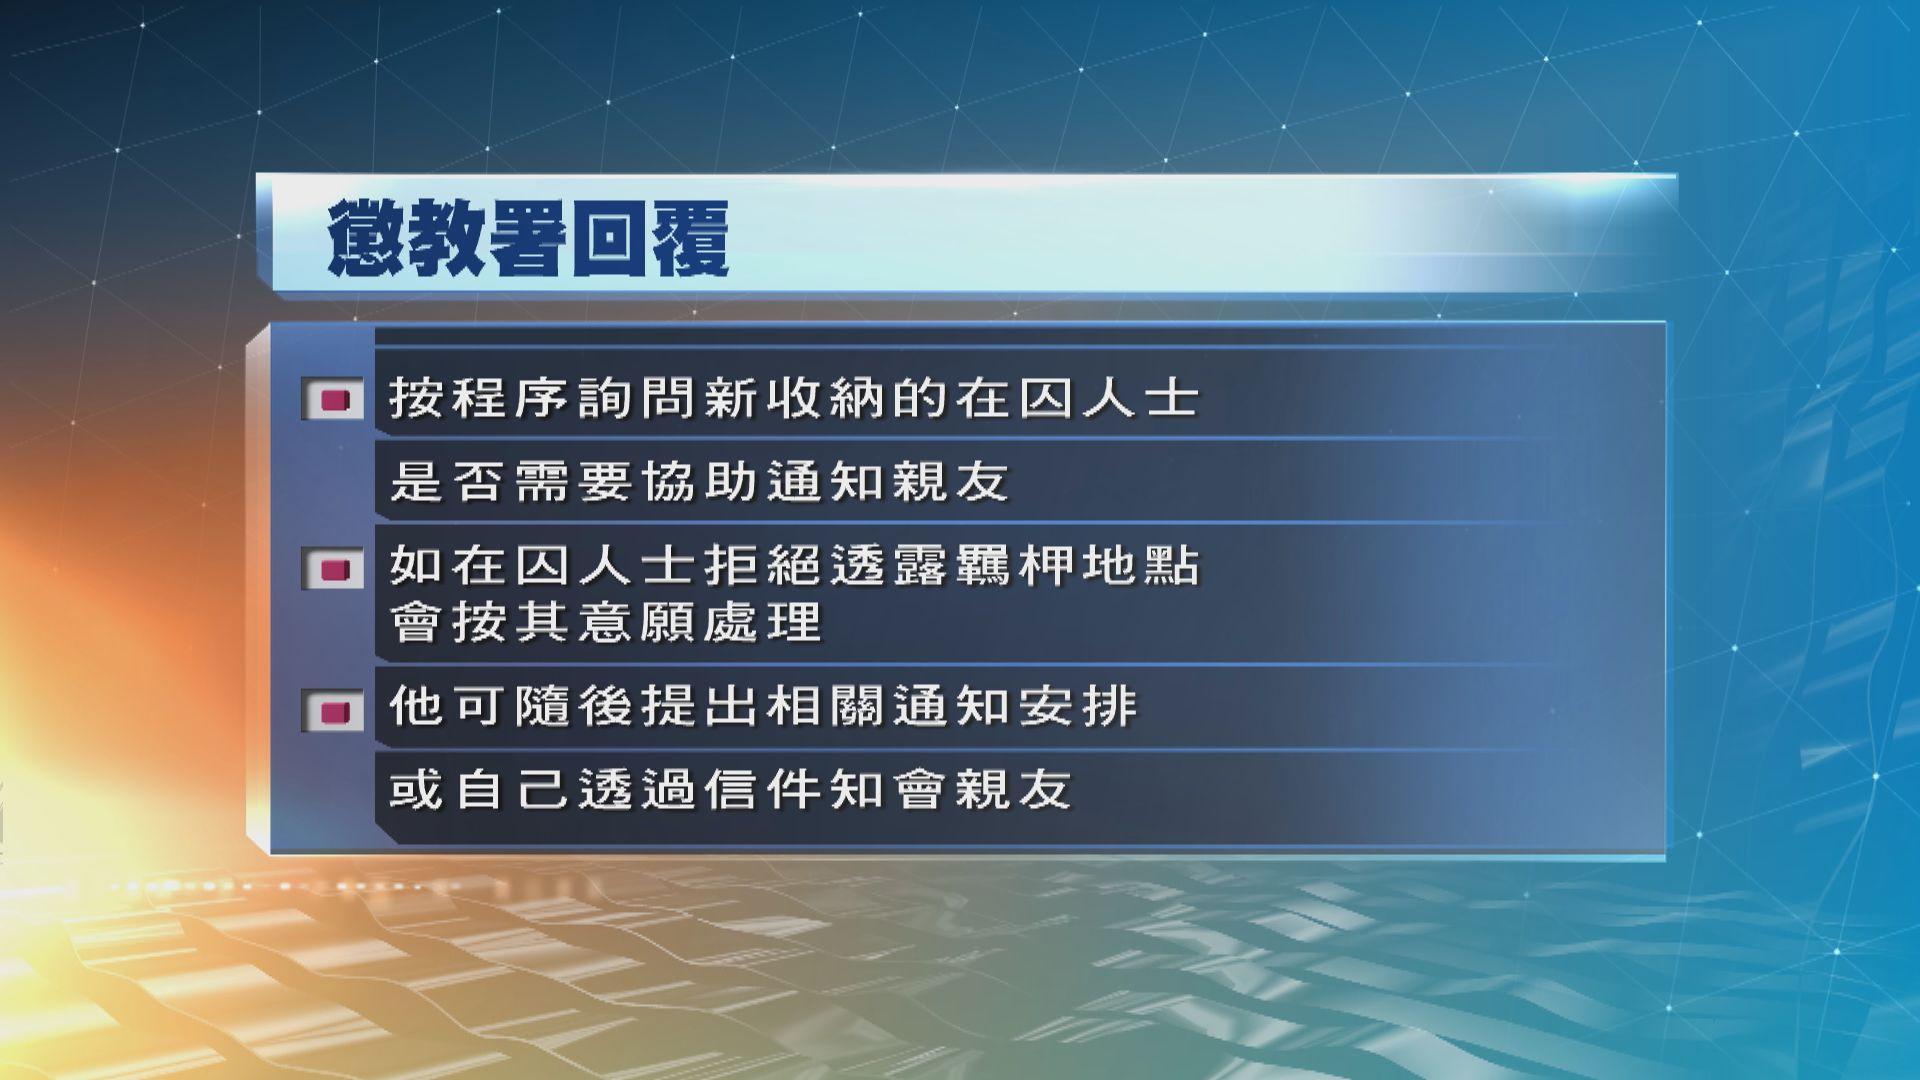 12港人案 懲教署:按程序詢問在囚人士是否通知親友羈柙地點